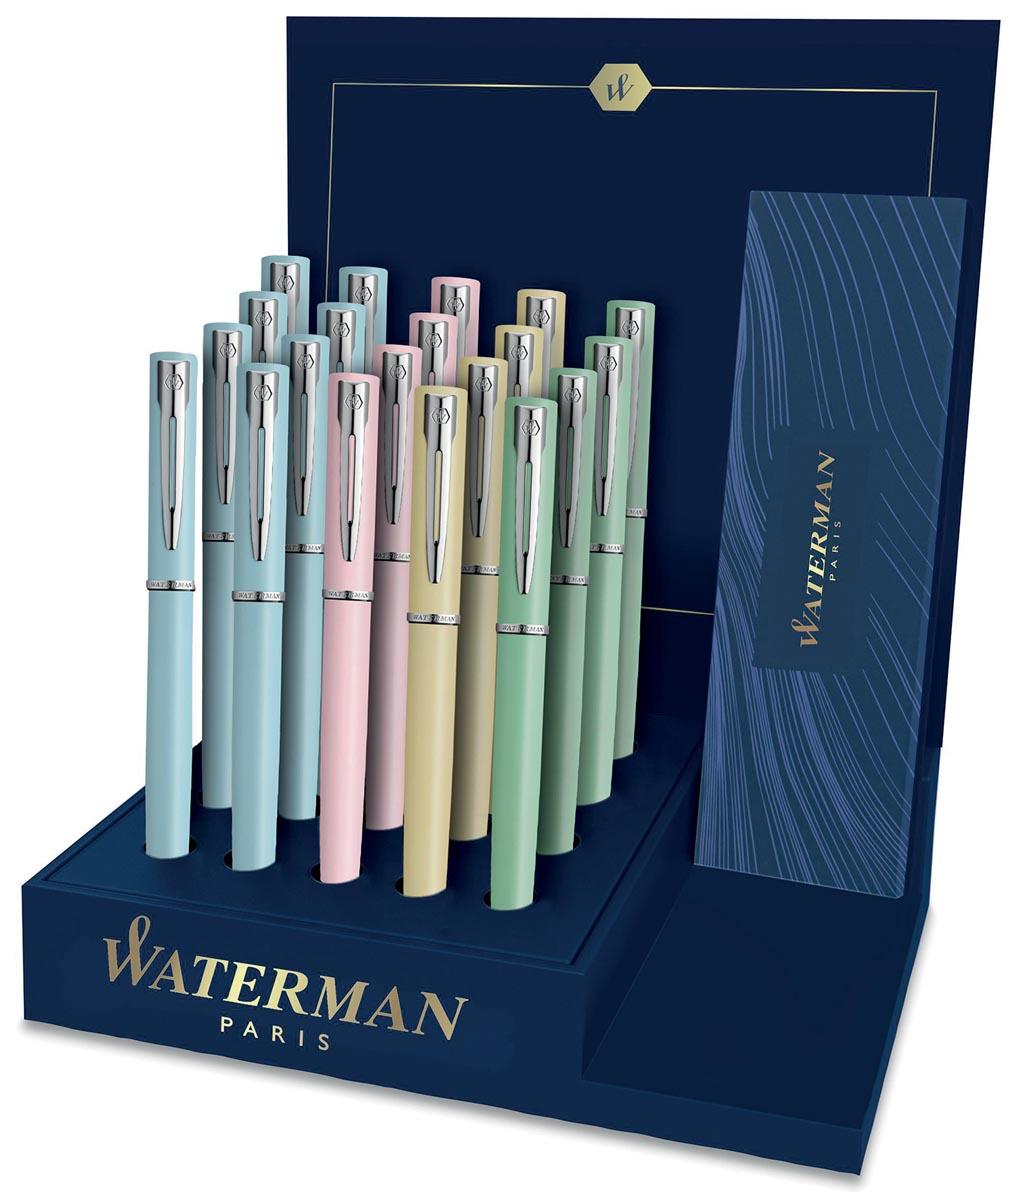 Waterman vulpen Allure display met 20 stuks in geassorteerde pastelkleuren